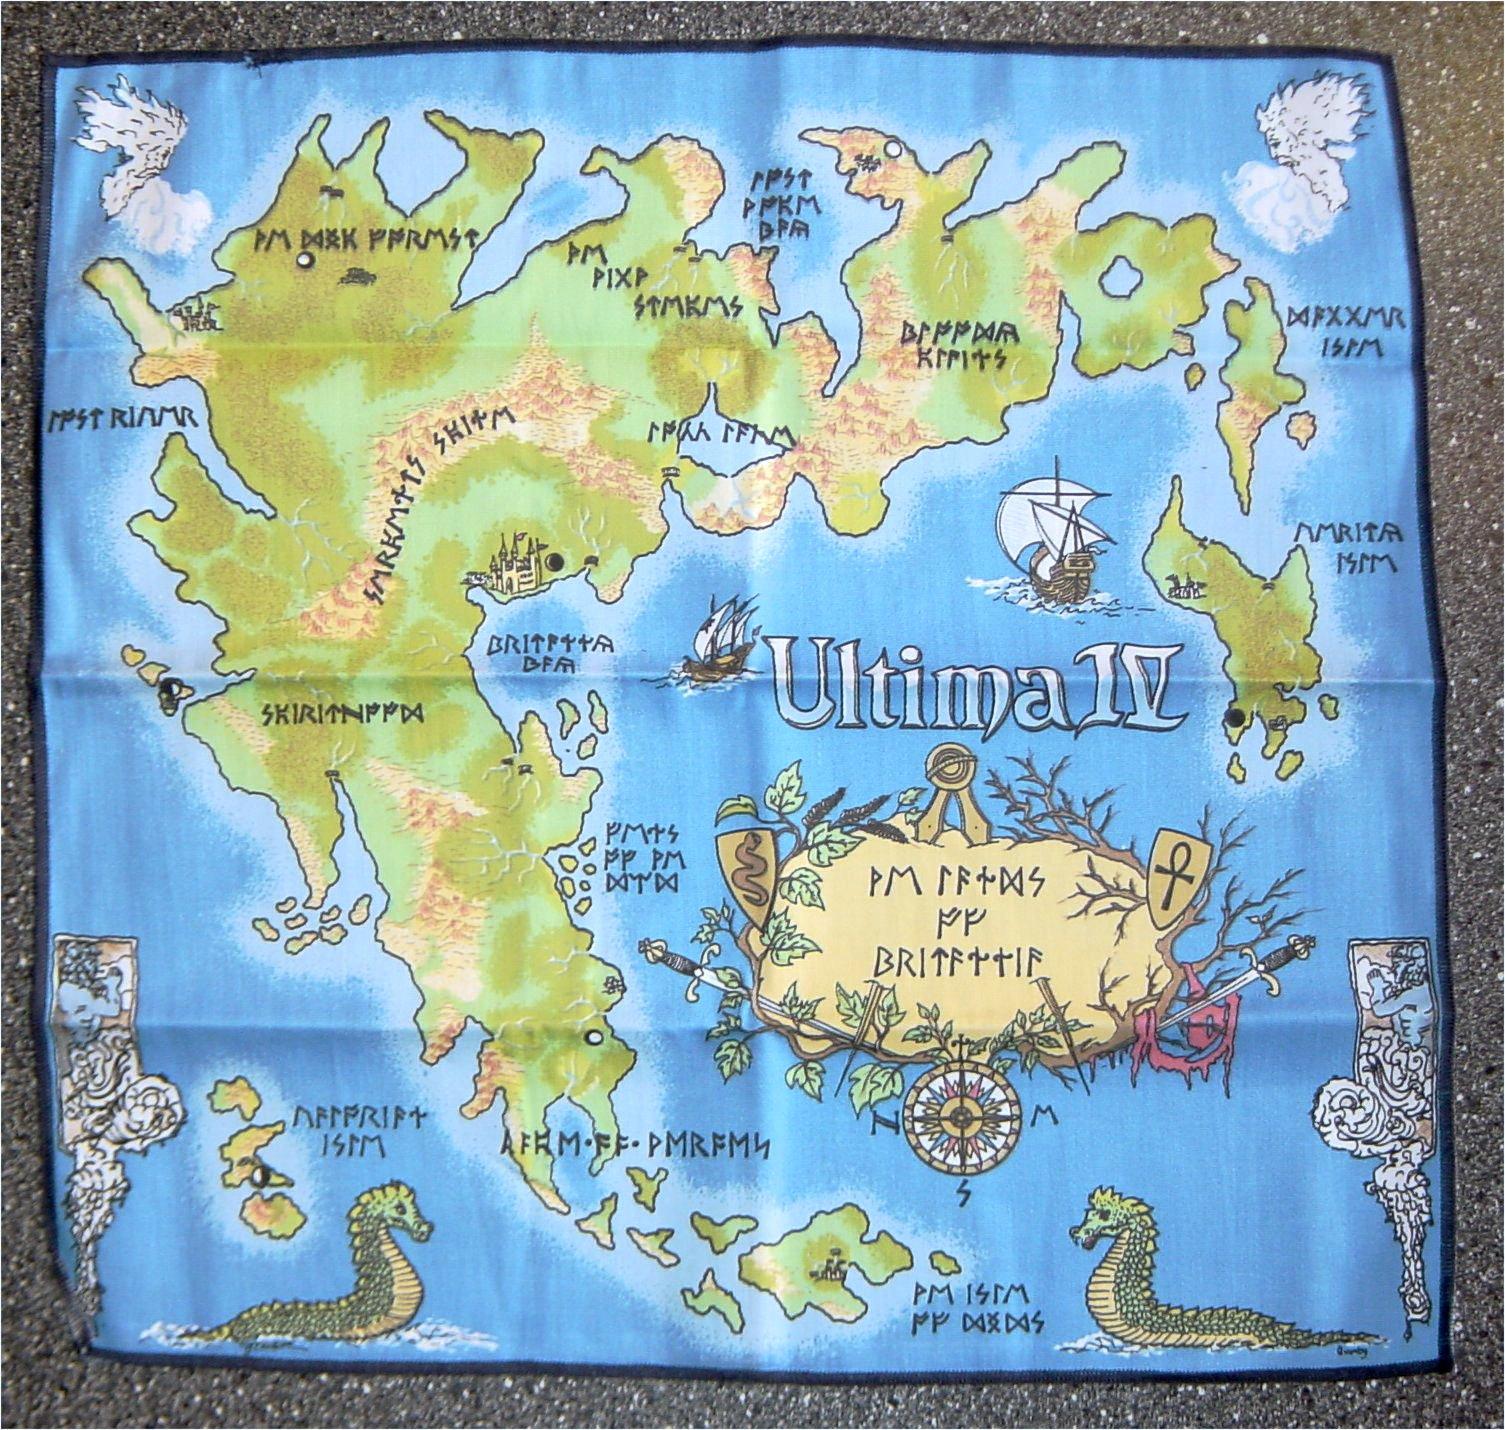 Die Stoffkarte zum Spiel Ultima IV. Vom Bildschirm auf den Boden des Kinderzimmers. (Bild: Guido Frank)